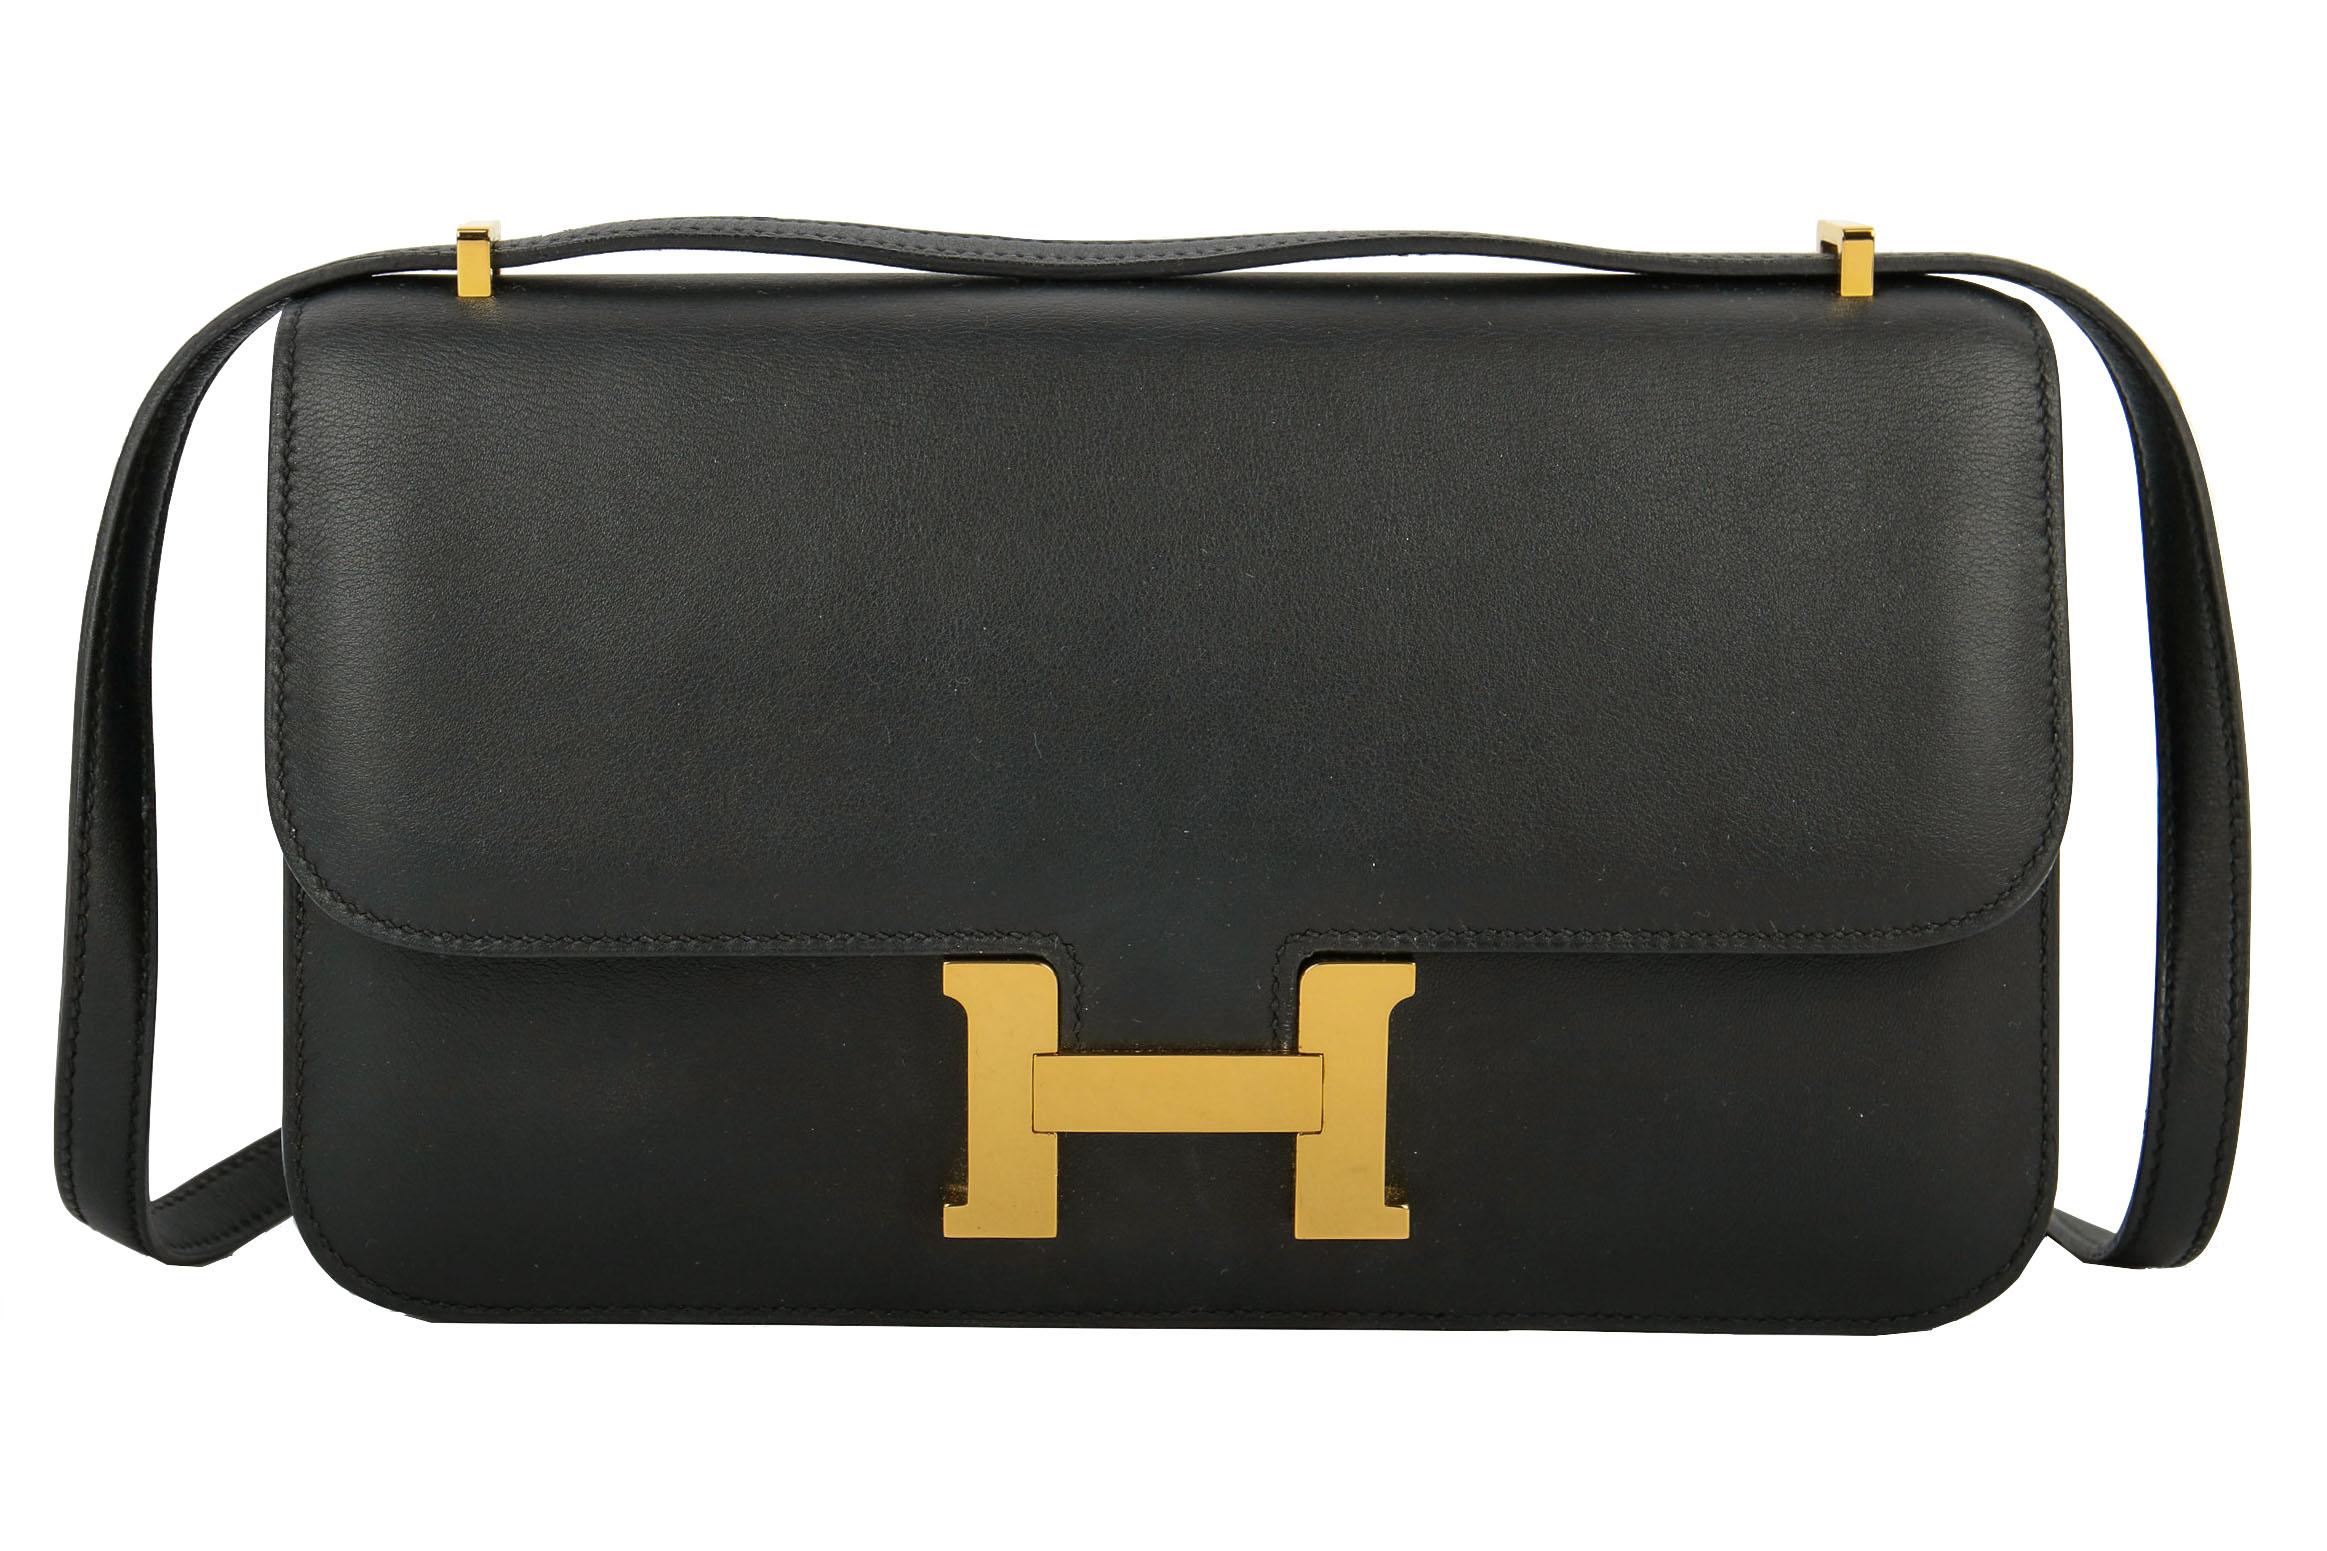 93cd479829a96 Hermès Paris Handtaschen   Accessoires